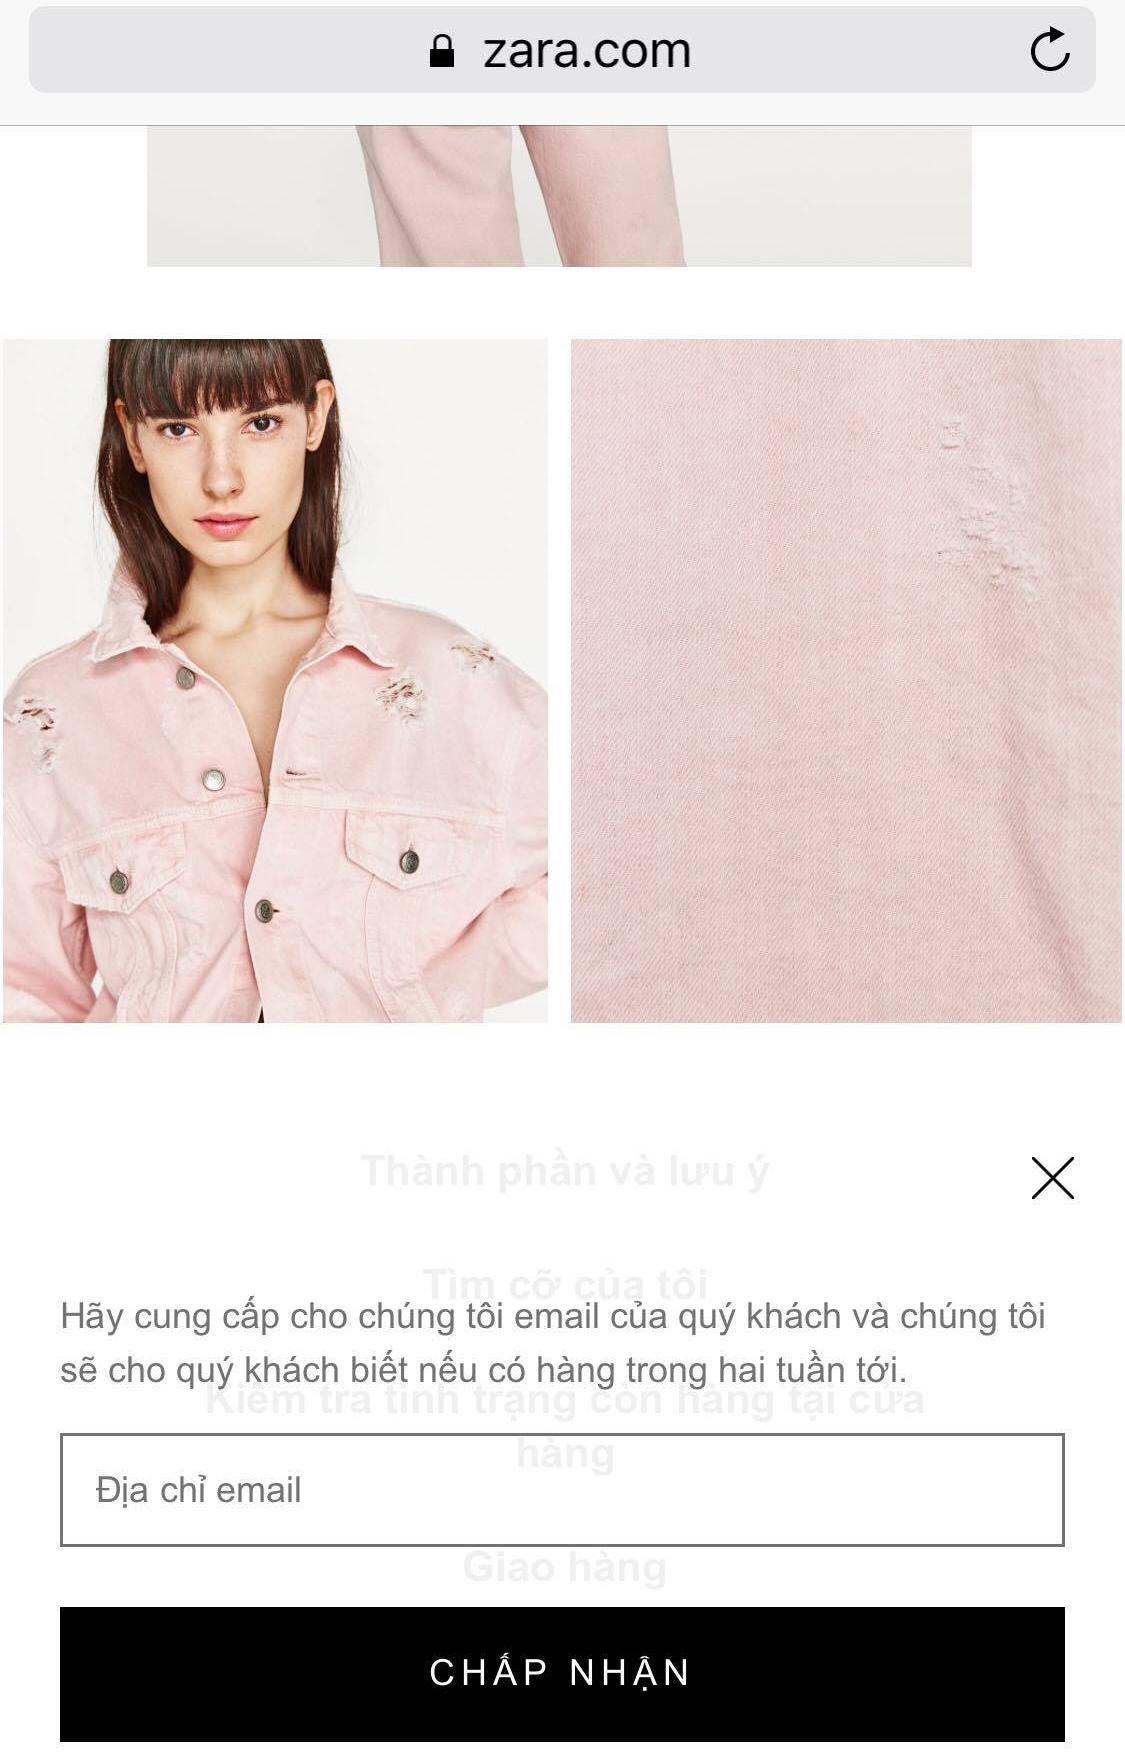 Clip trải nghiệm: Mua đồ online tại Zara Việt Nam, ship hàng từ 3 - 7 ngày với phí ship 99.000 đồng - Ảnh 4.